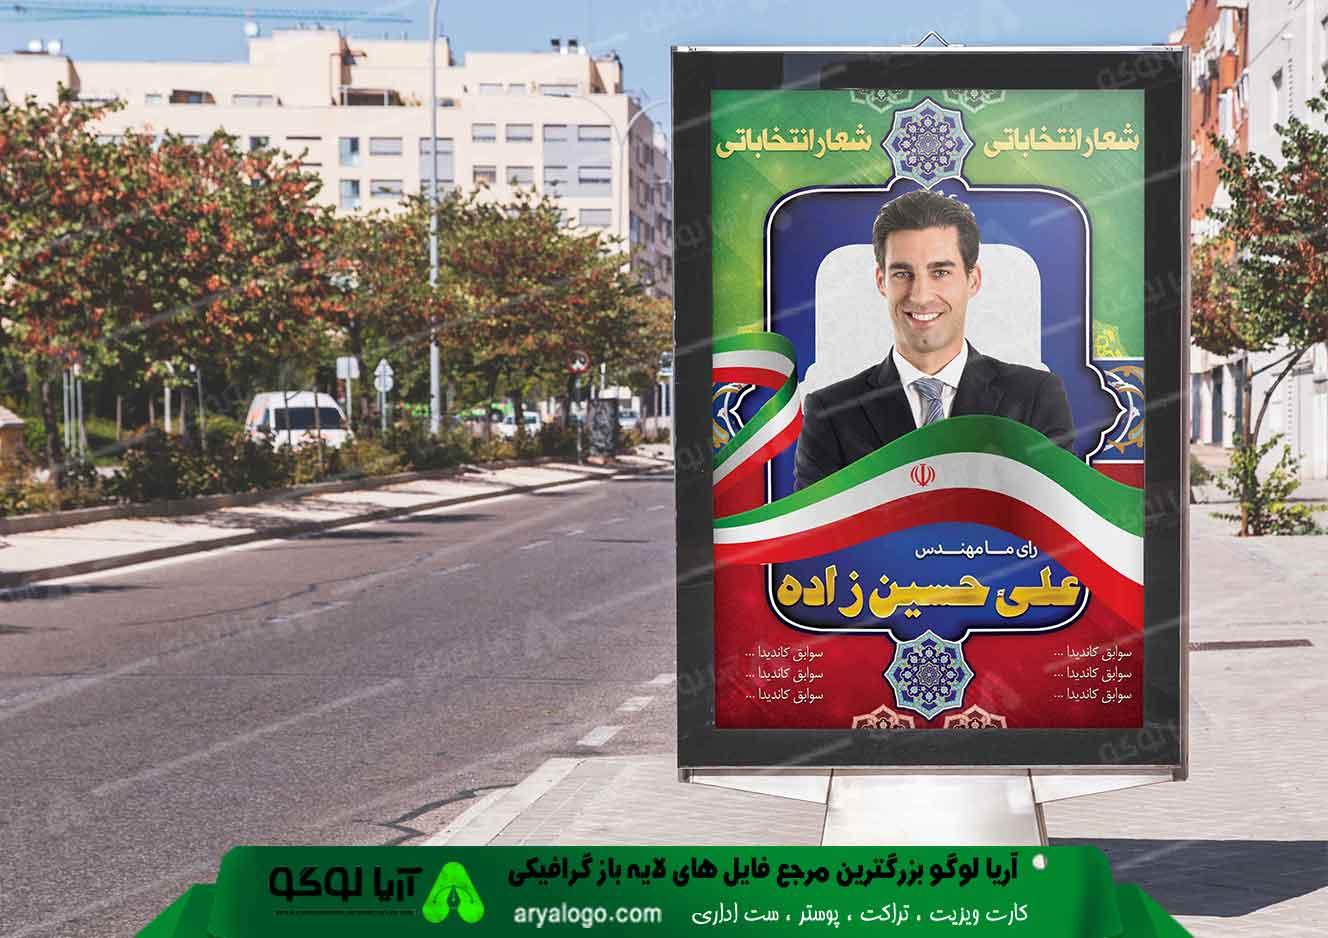 پوستر انتخاباتی طرح 110